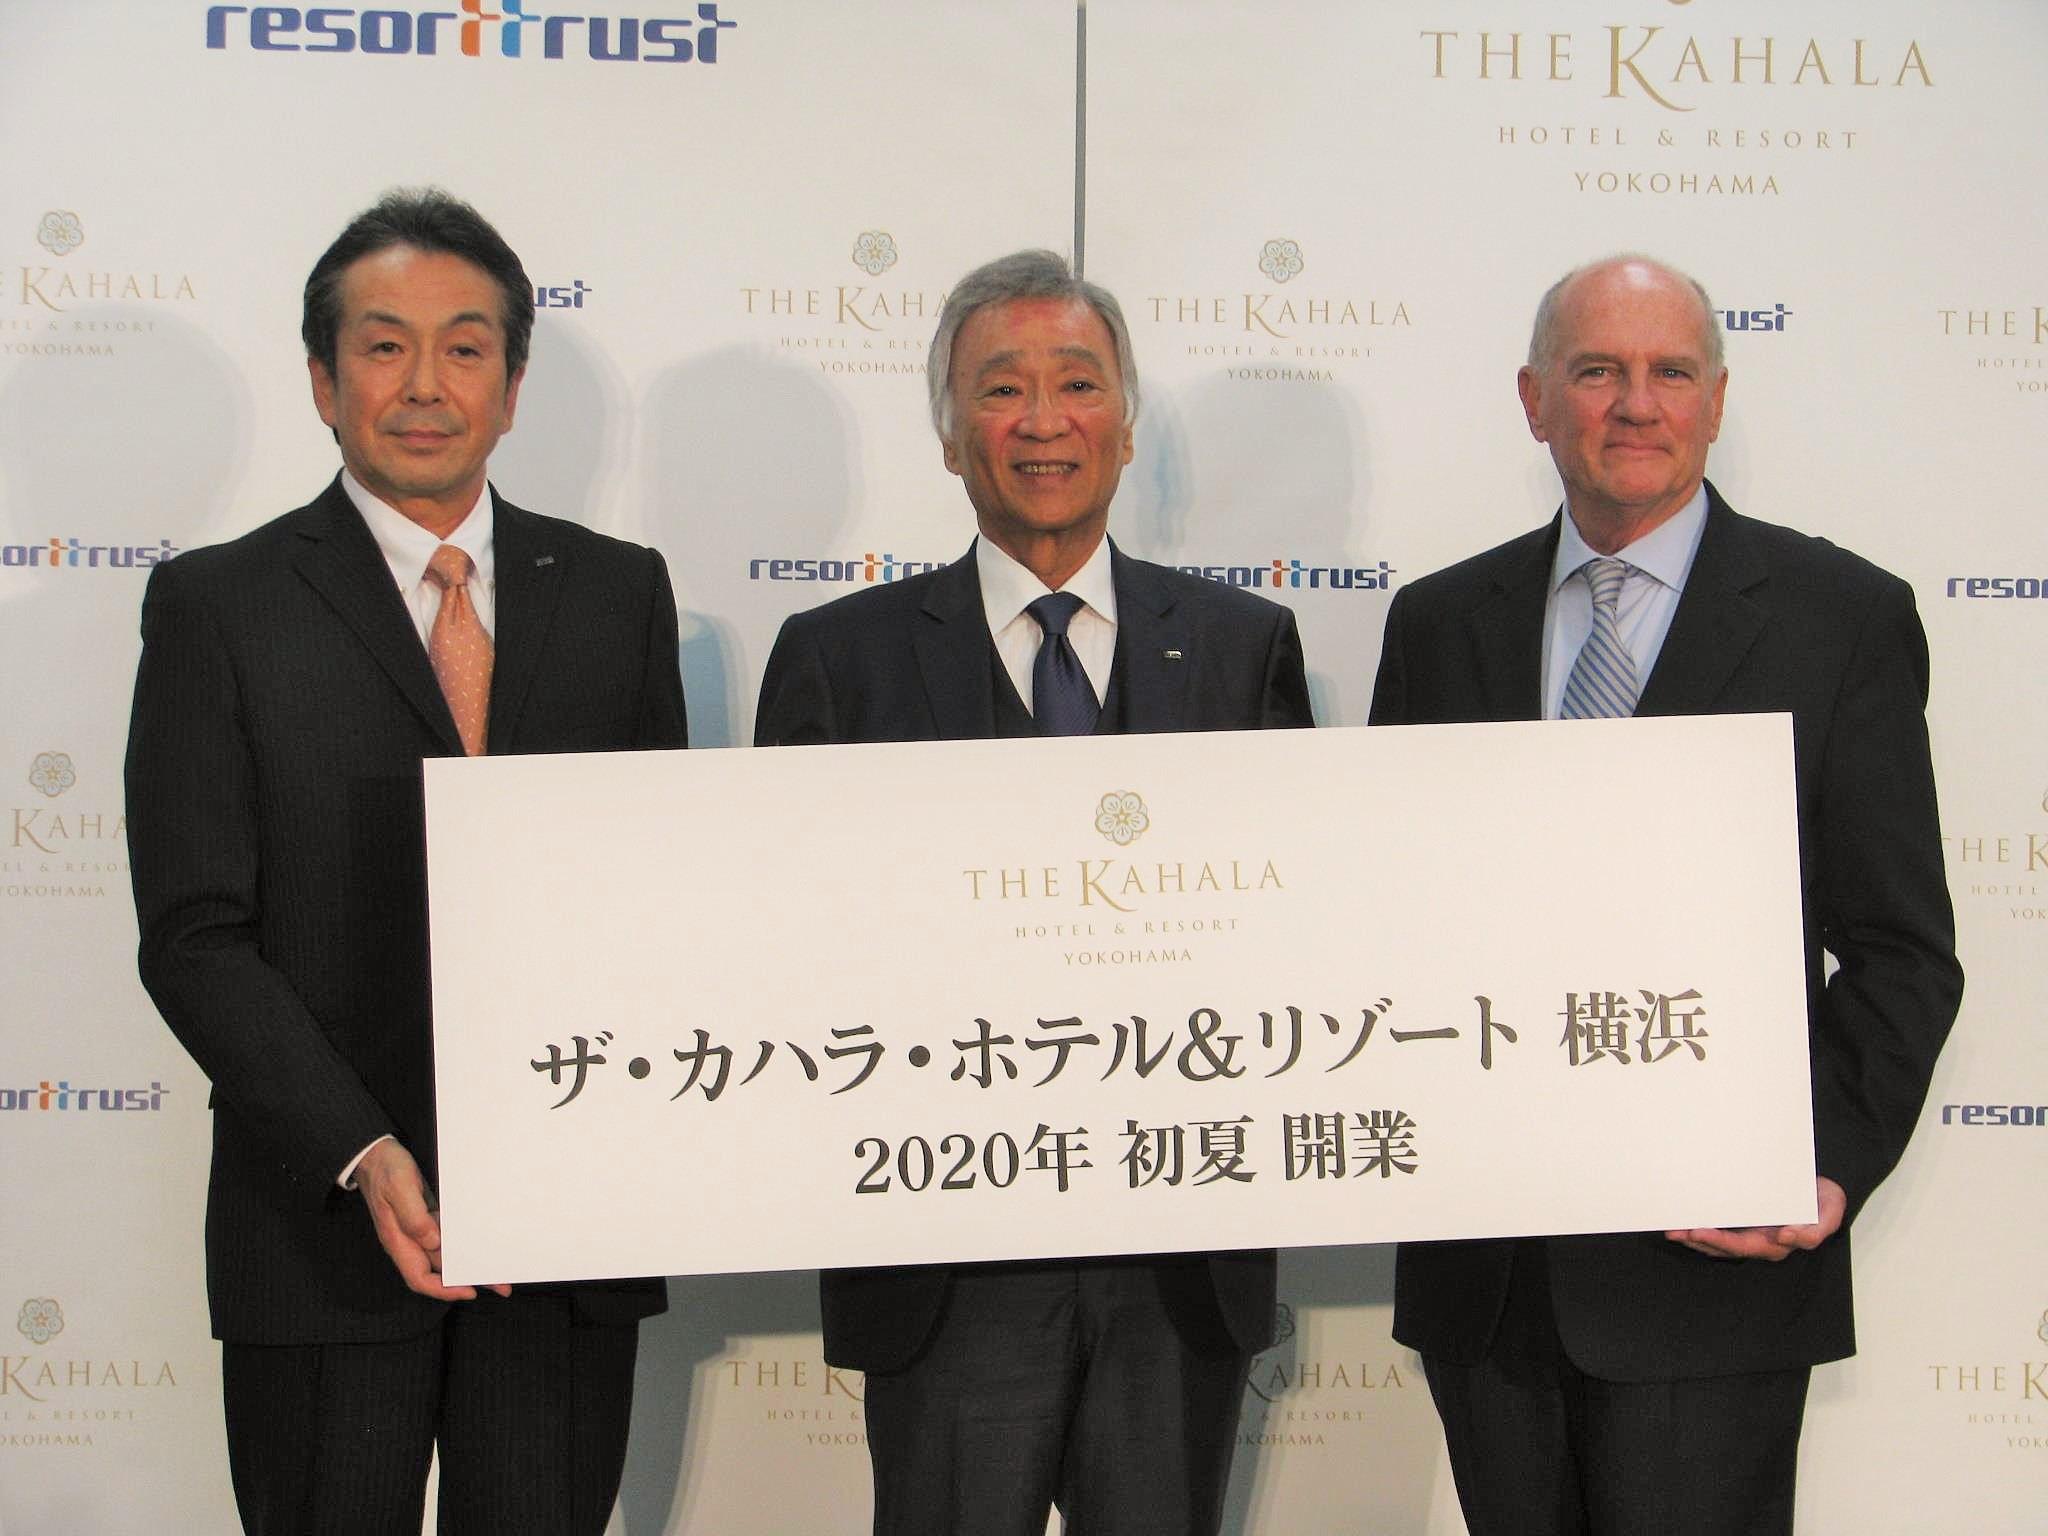 ハワイの名門ホテル「カハラ」が横浜に開業へ、リゾートトラストが世界展開の第1弾で